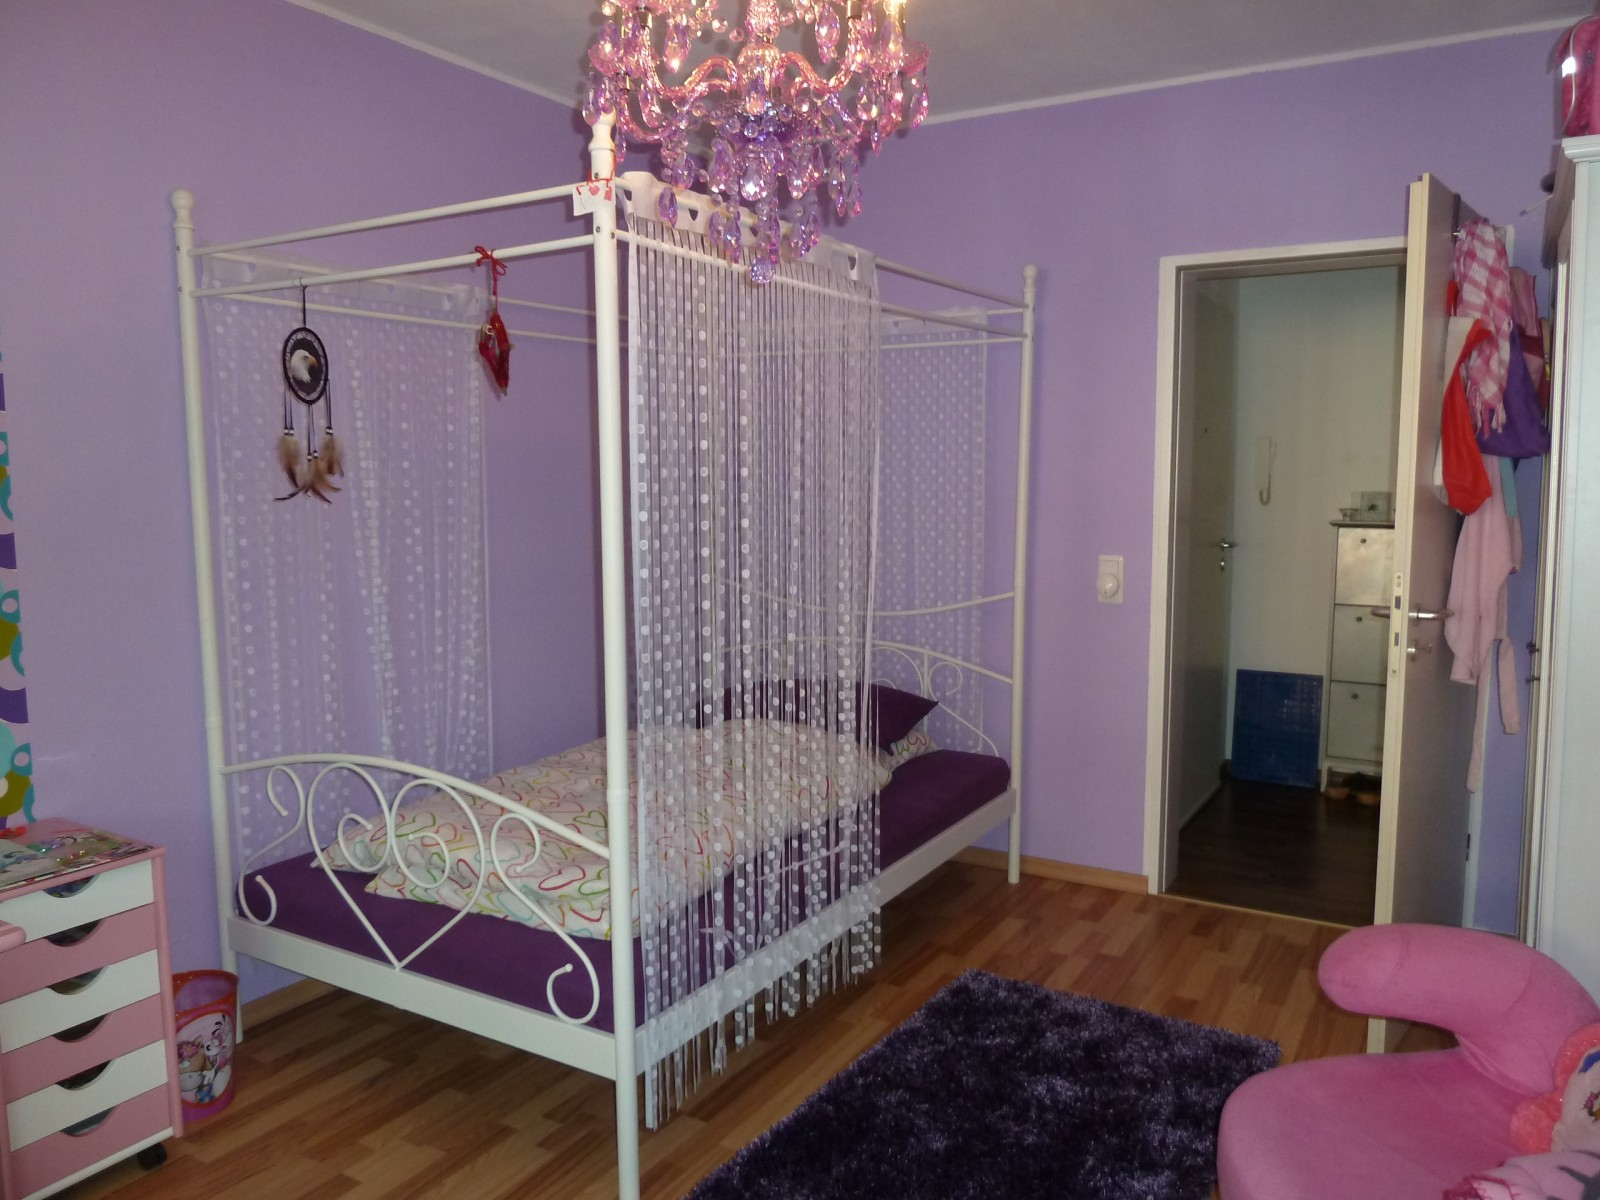 Kinderzimmer Der neue Lebensabschnitt von ElkeHH - 28546 - Zimmerschau